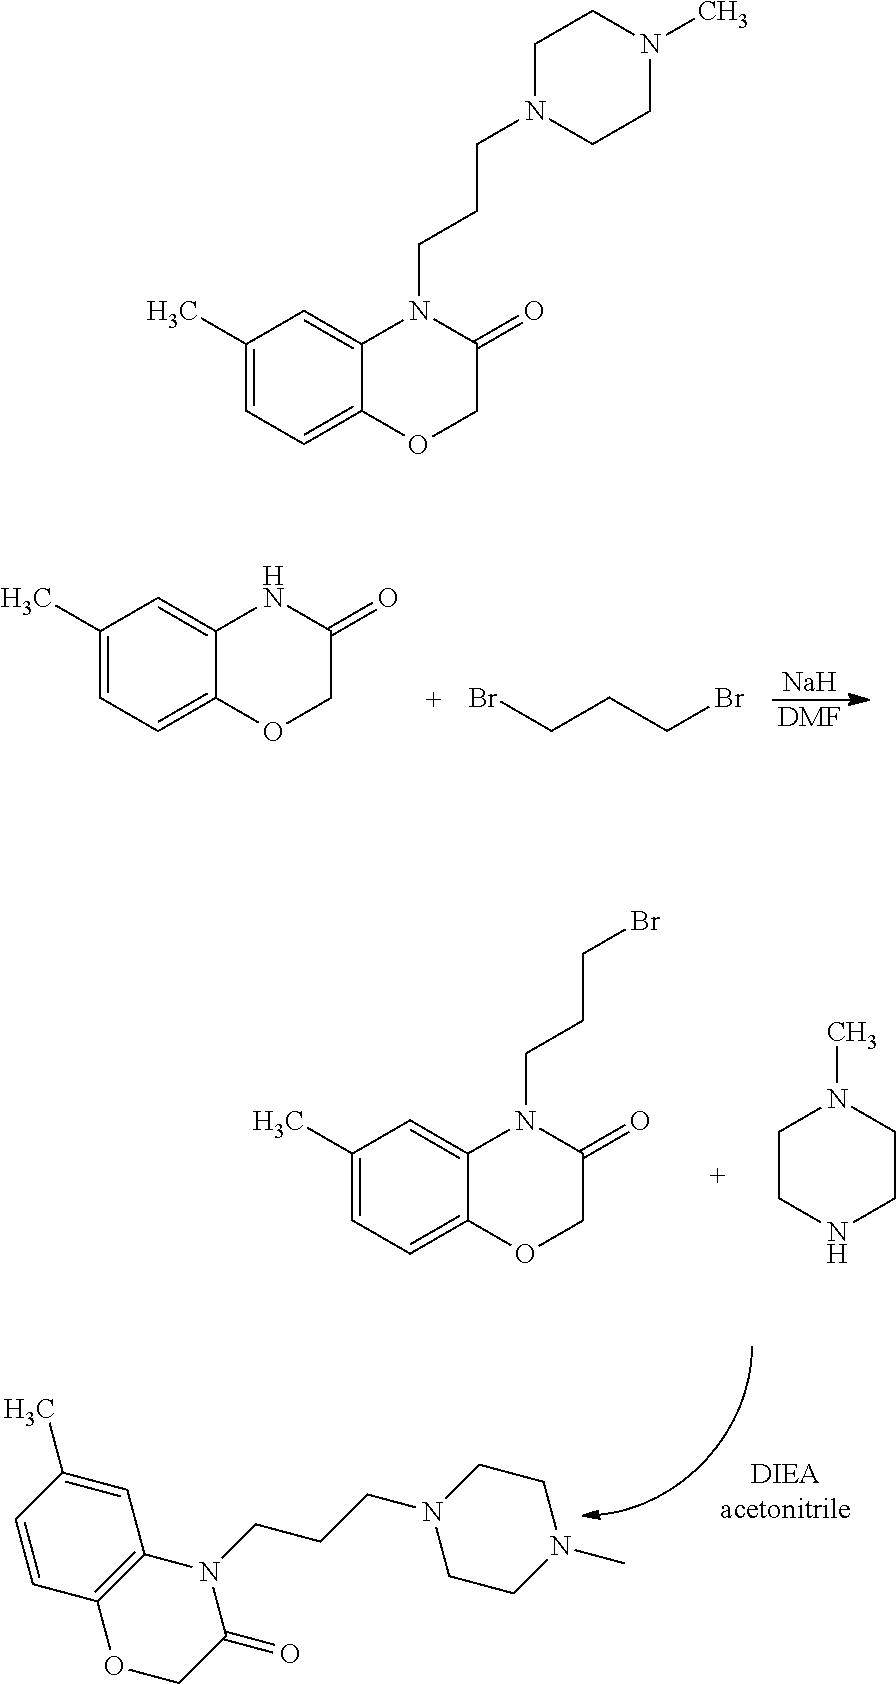 Figure US20190106394A1-20190411-C00103